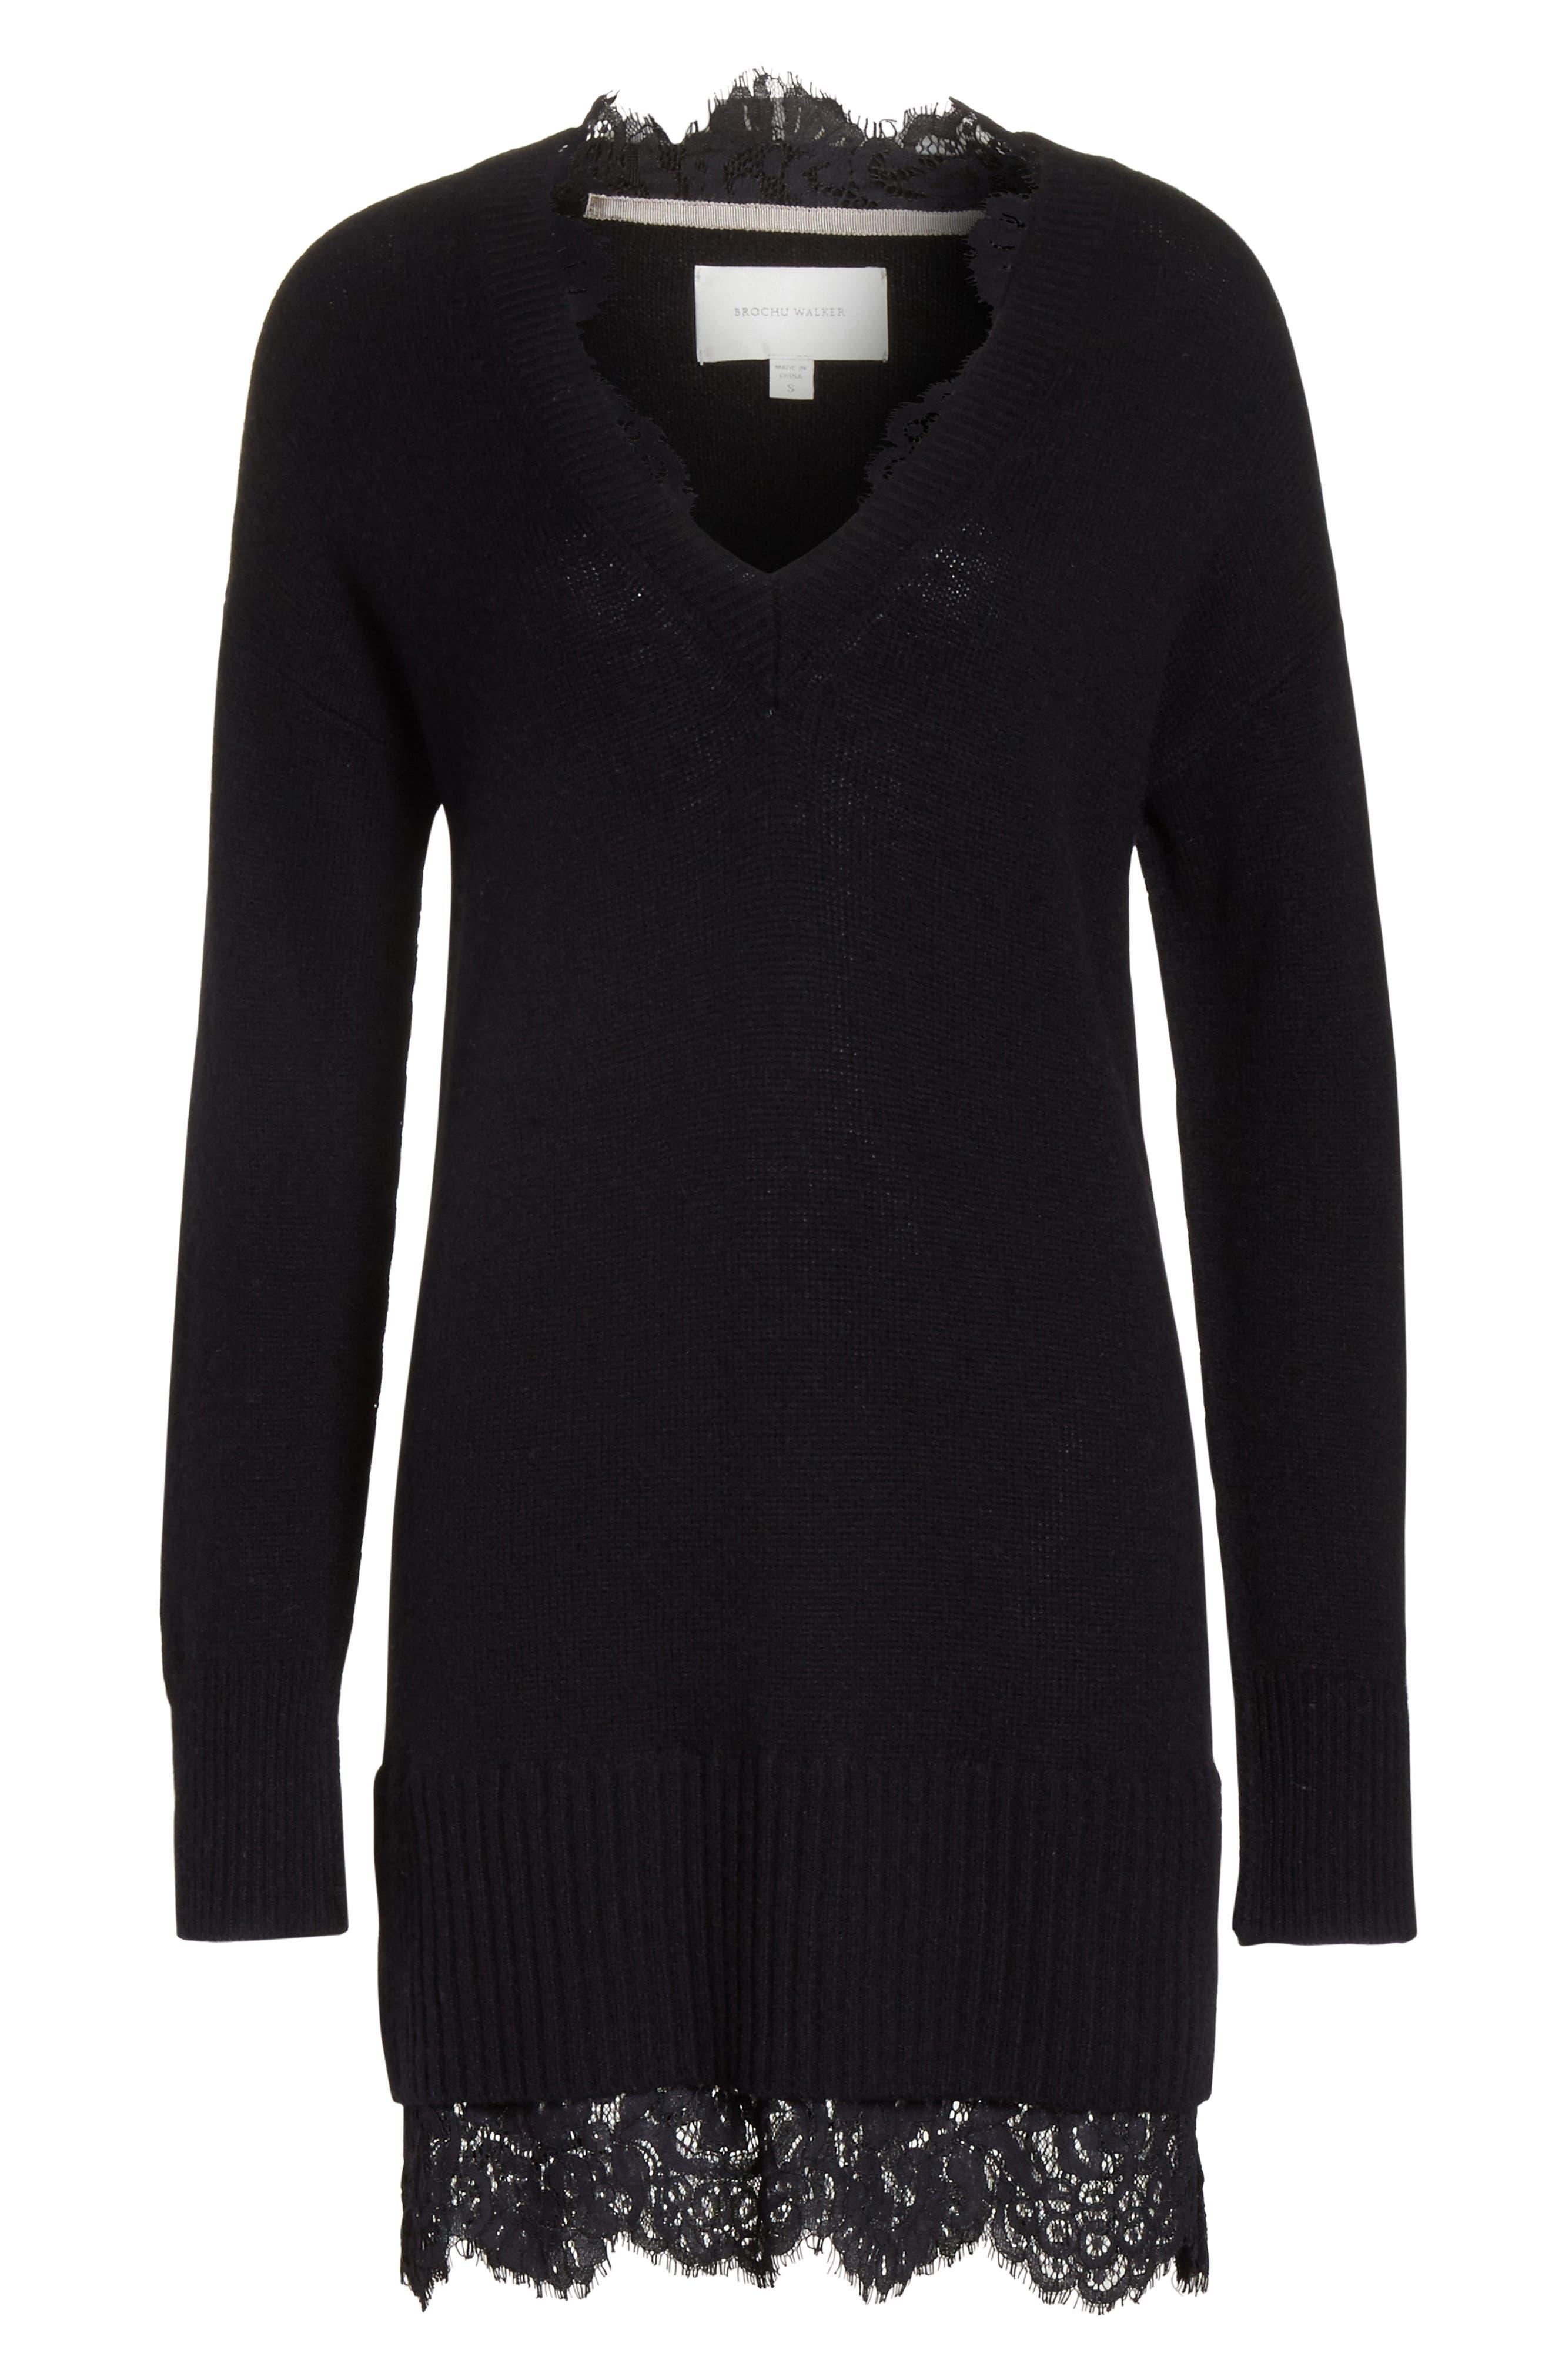 BROCHU WALKER,                             Lace Looker Sweater Dress,                             Alternate thumbnail 6, color,                             001